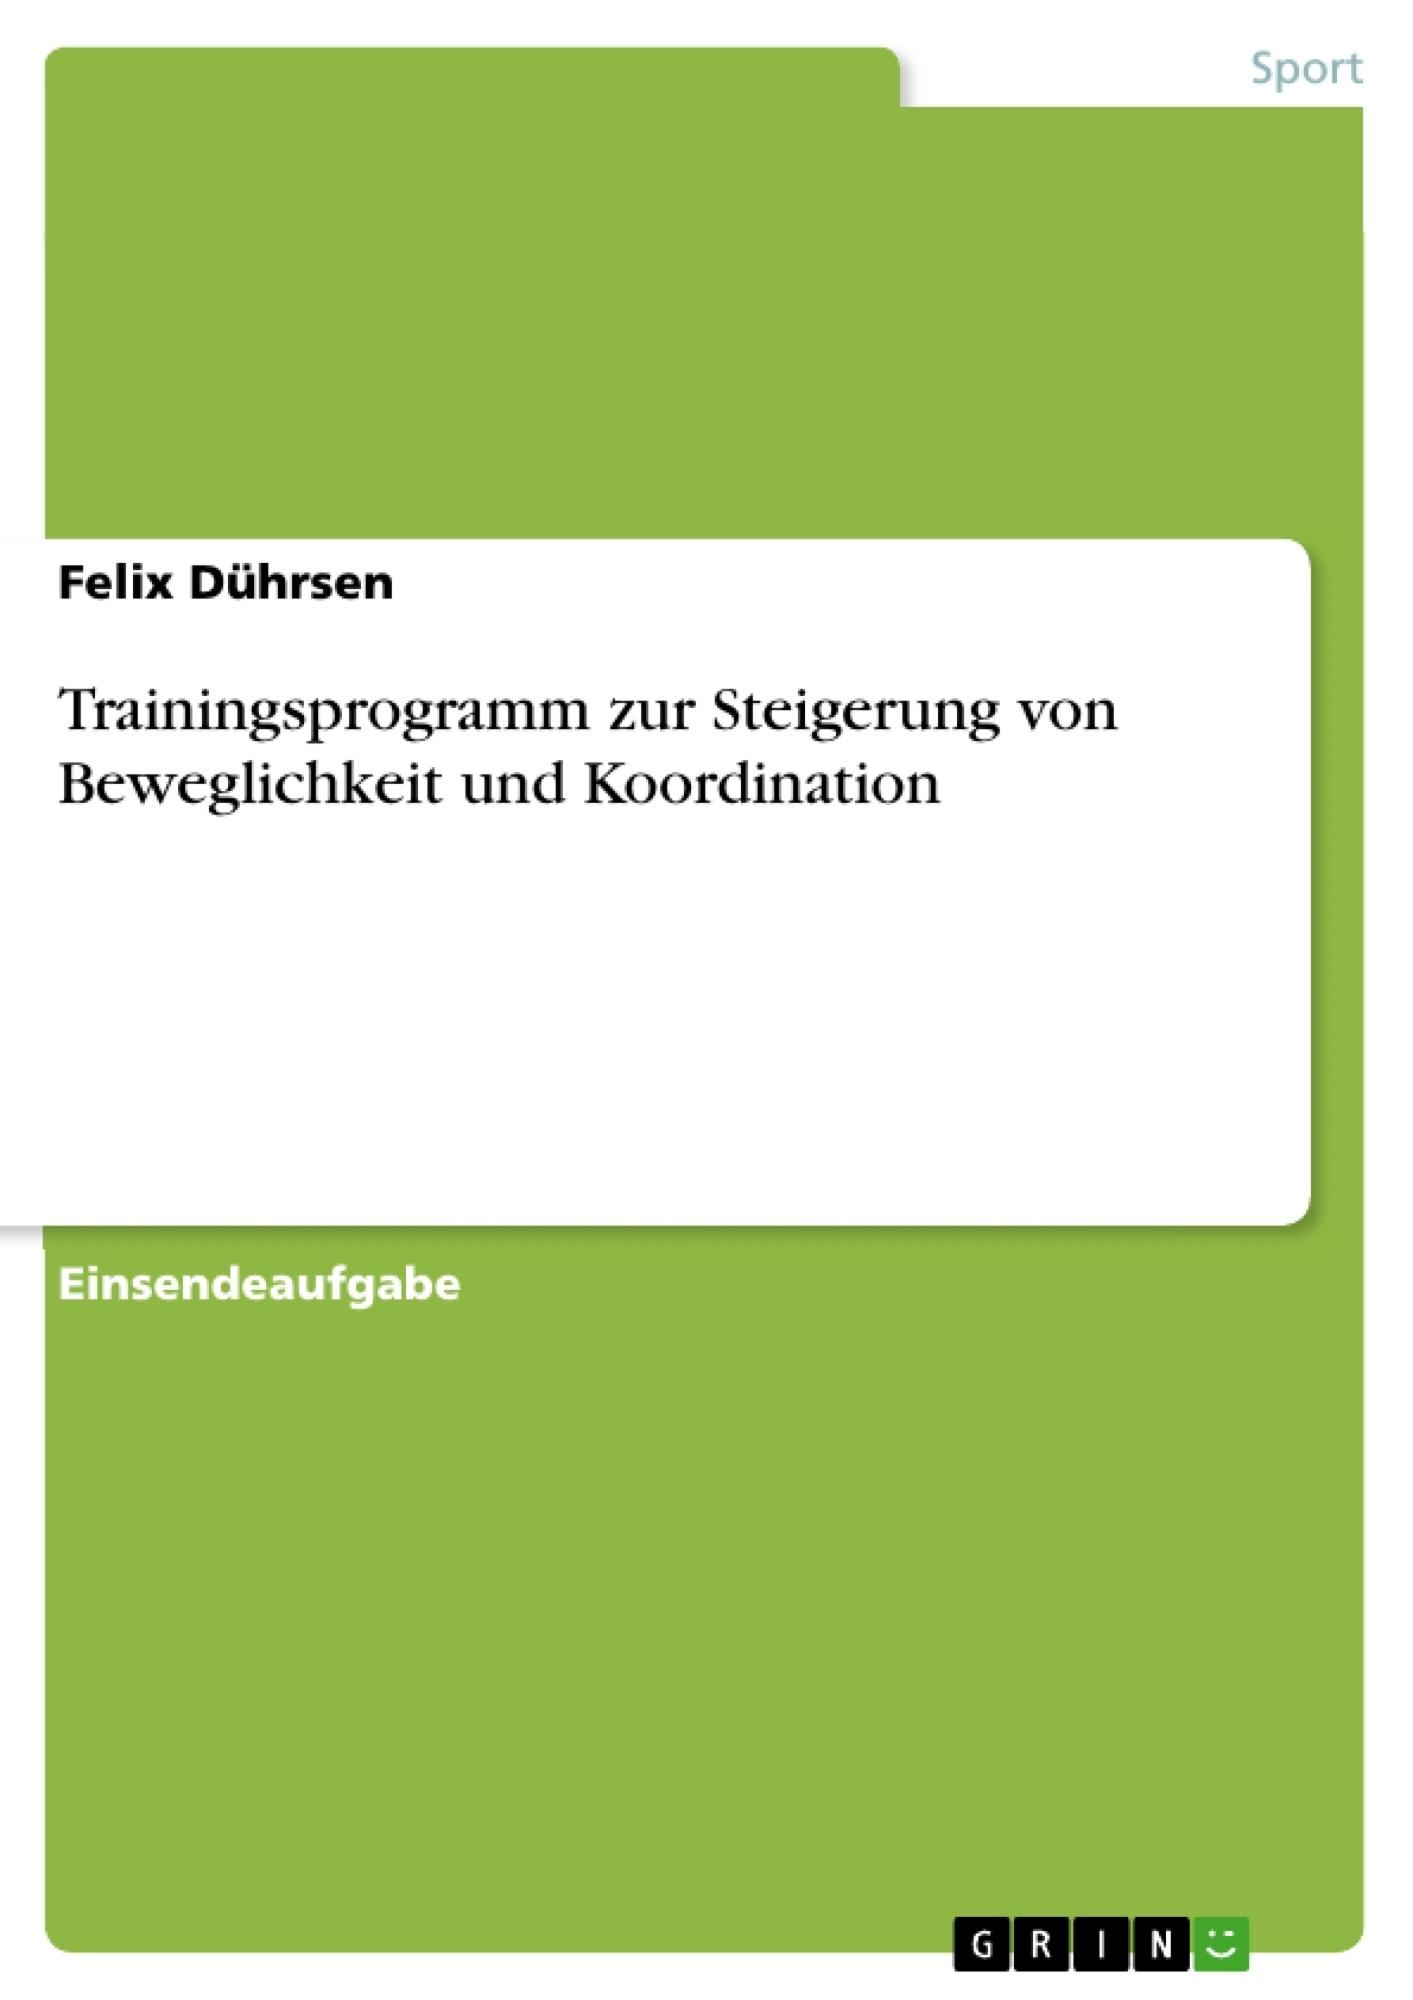 Titel: Trainingsprogramm zur Steigerung von Beweglichkeit und Koordination